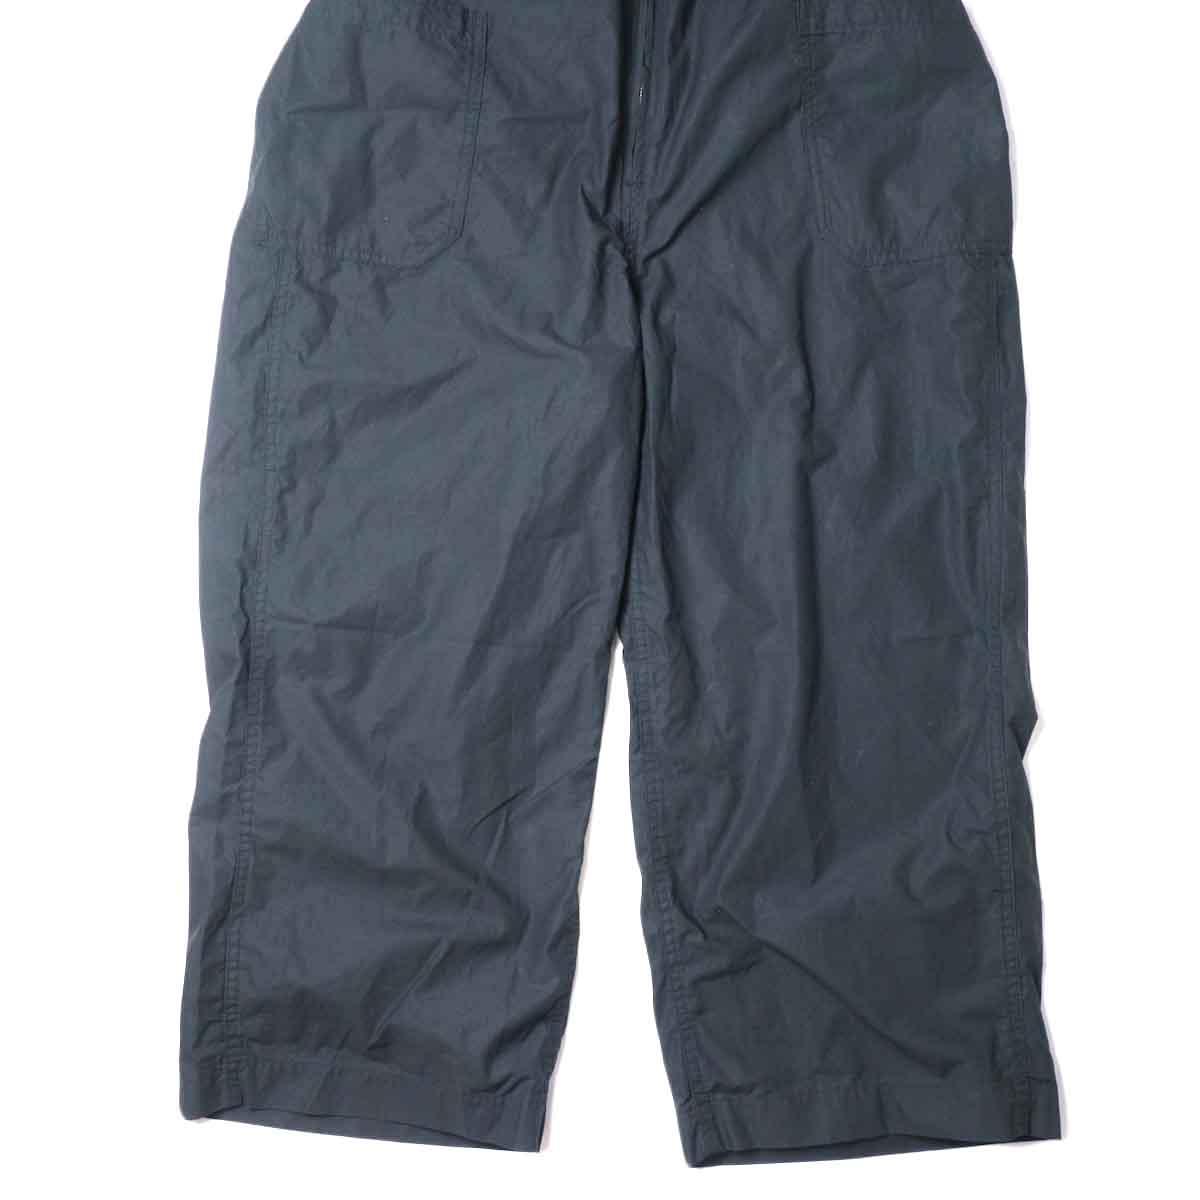 KHA:KI / FRONT OPEN OVERALLS (Black) 裾